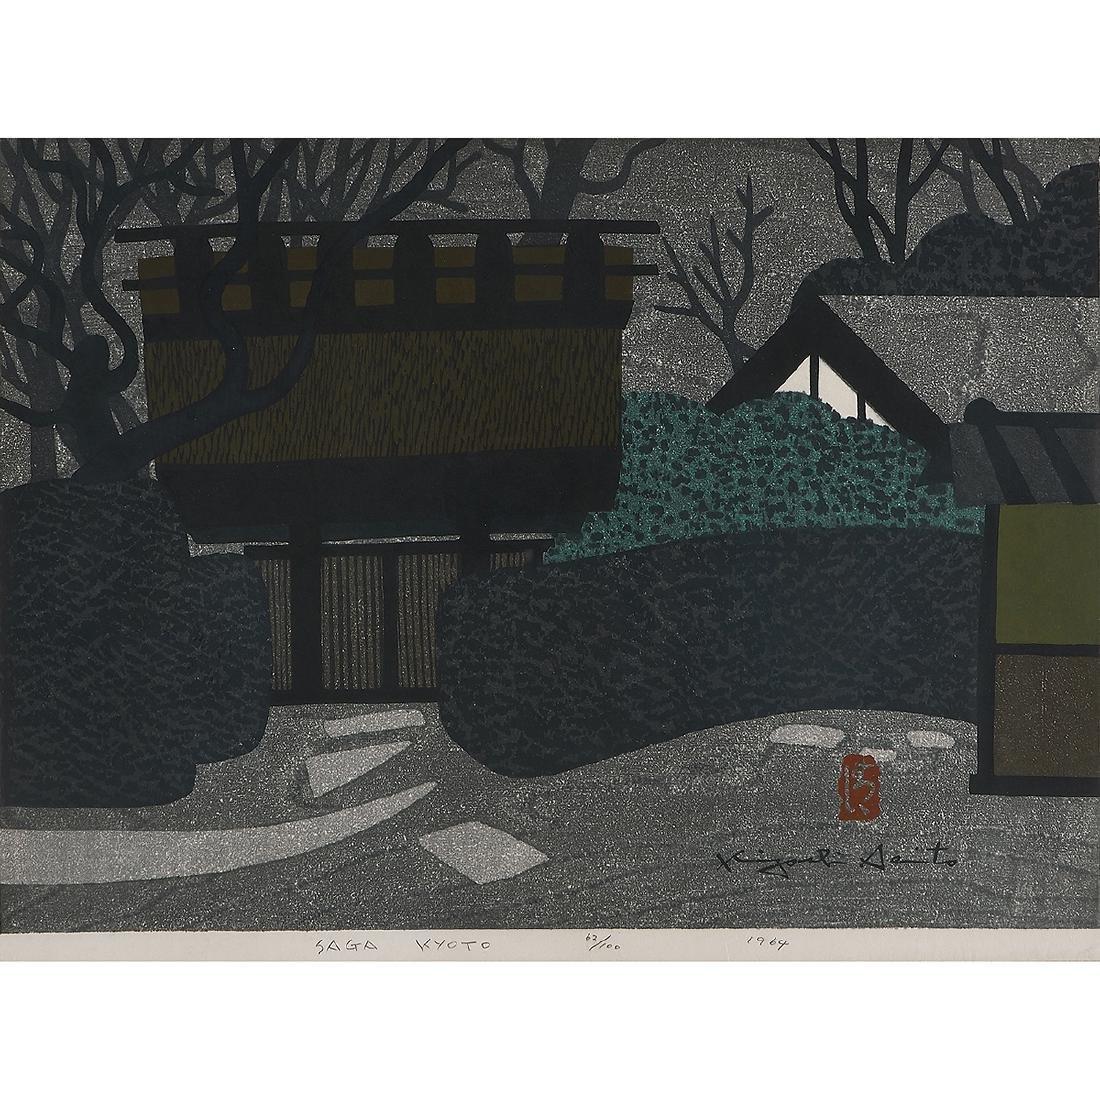 Kiyoshi Saito, Saga Kyoto